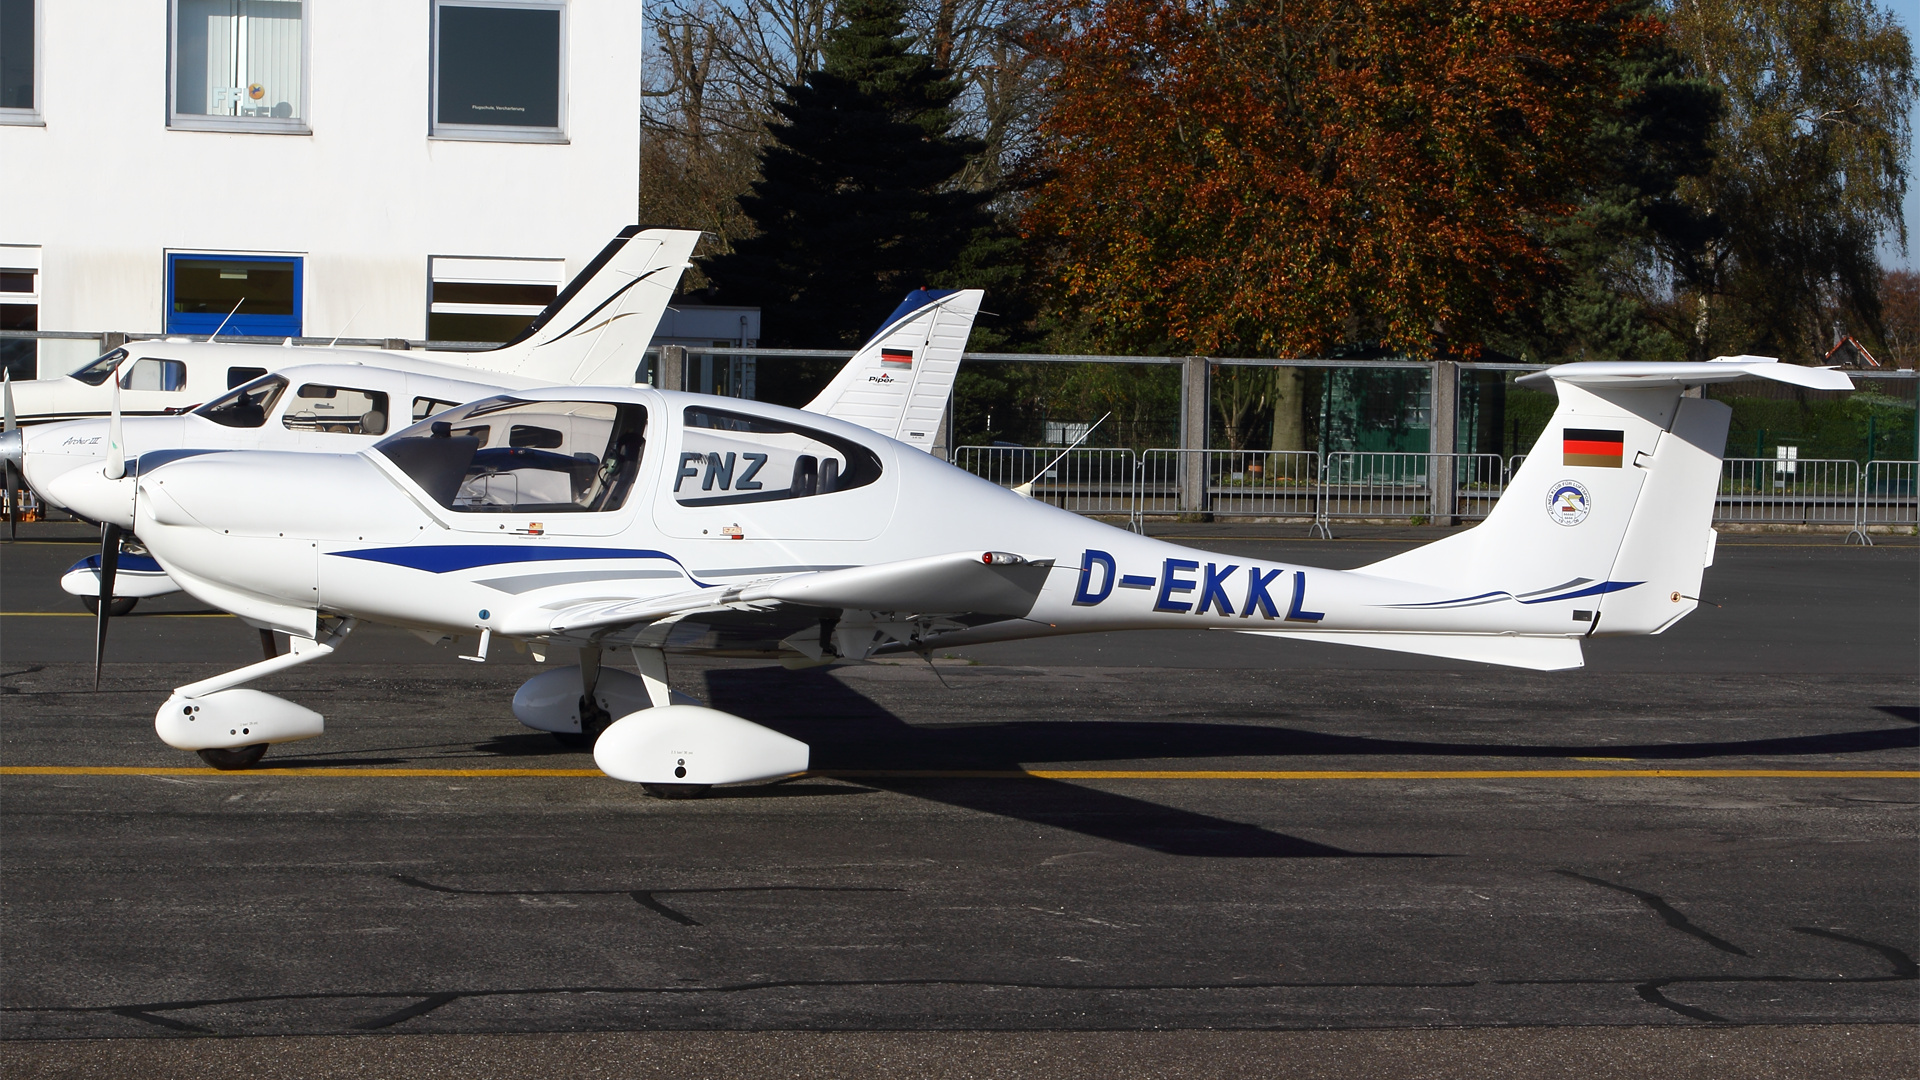 D-EKKL-1 DA40 ESS 201411